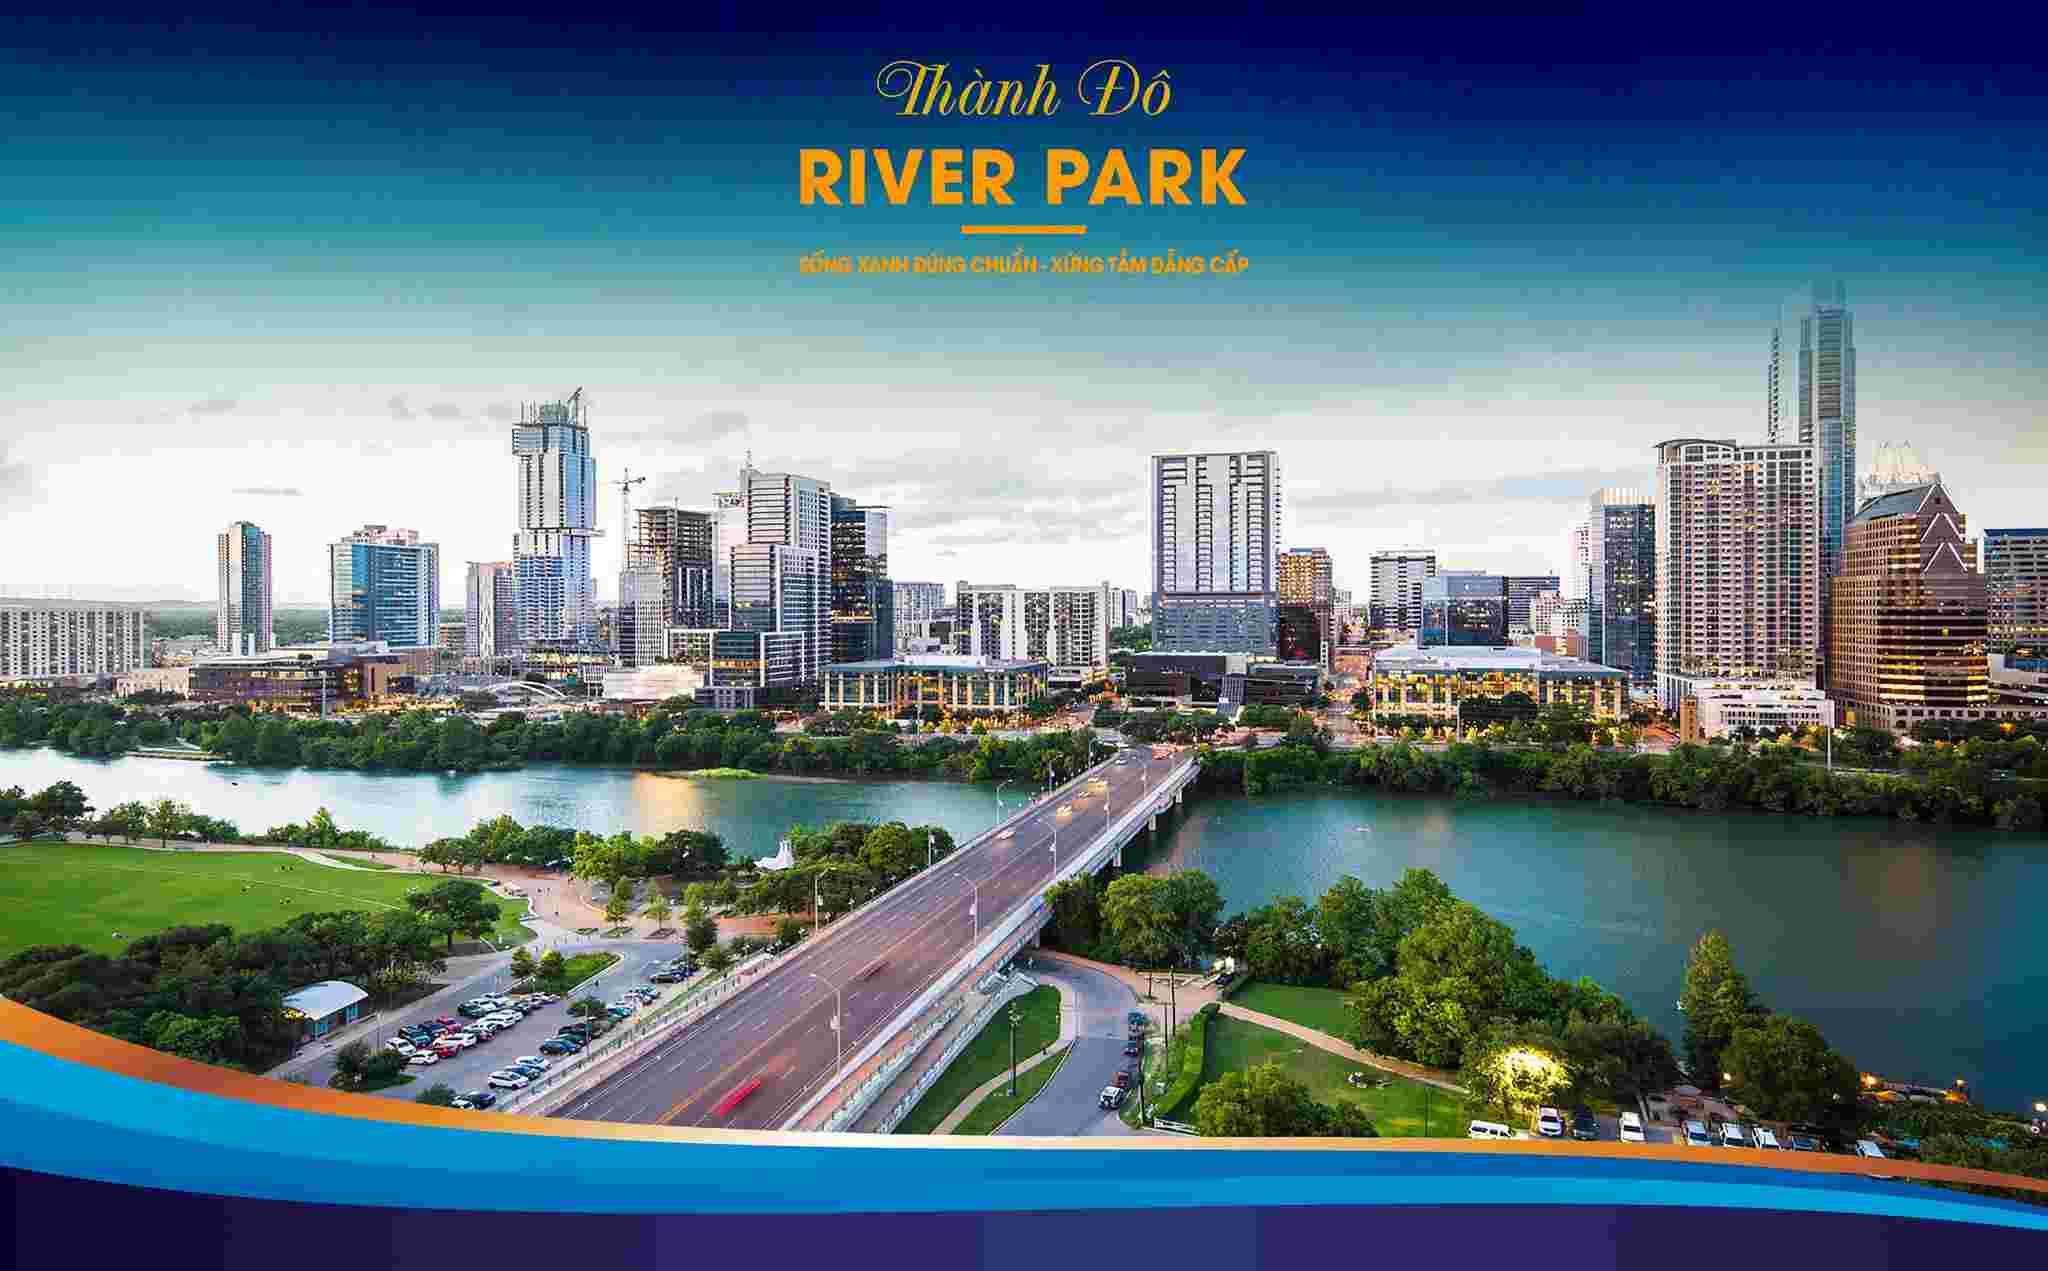 Dự án đất nền Thành Đô River Park có bảng giá mới